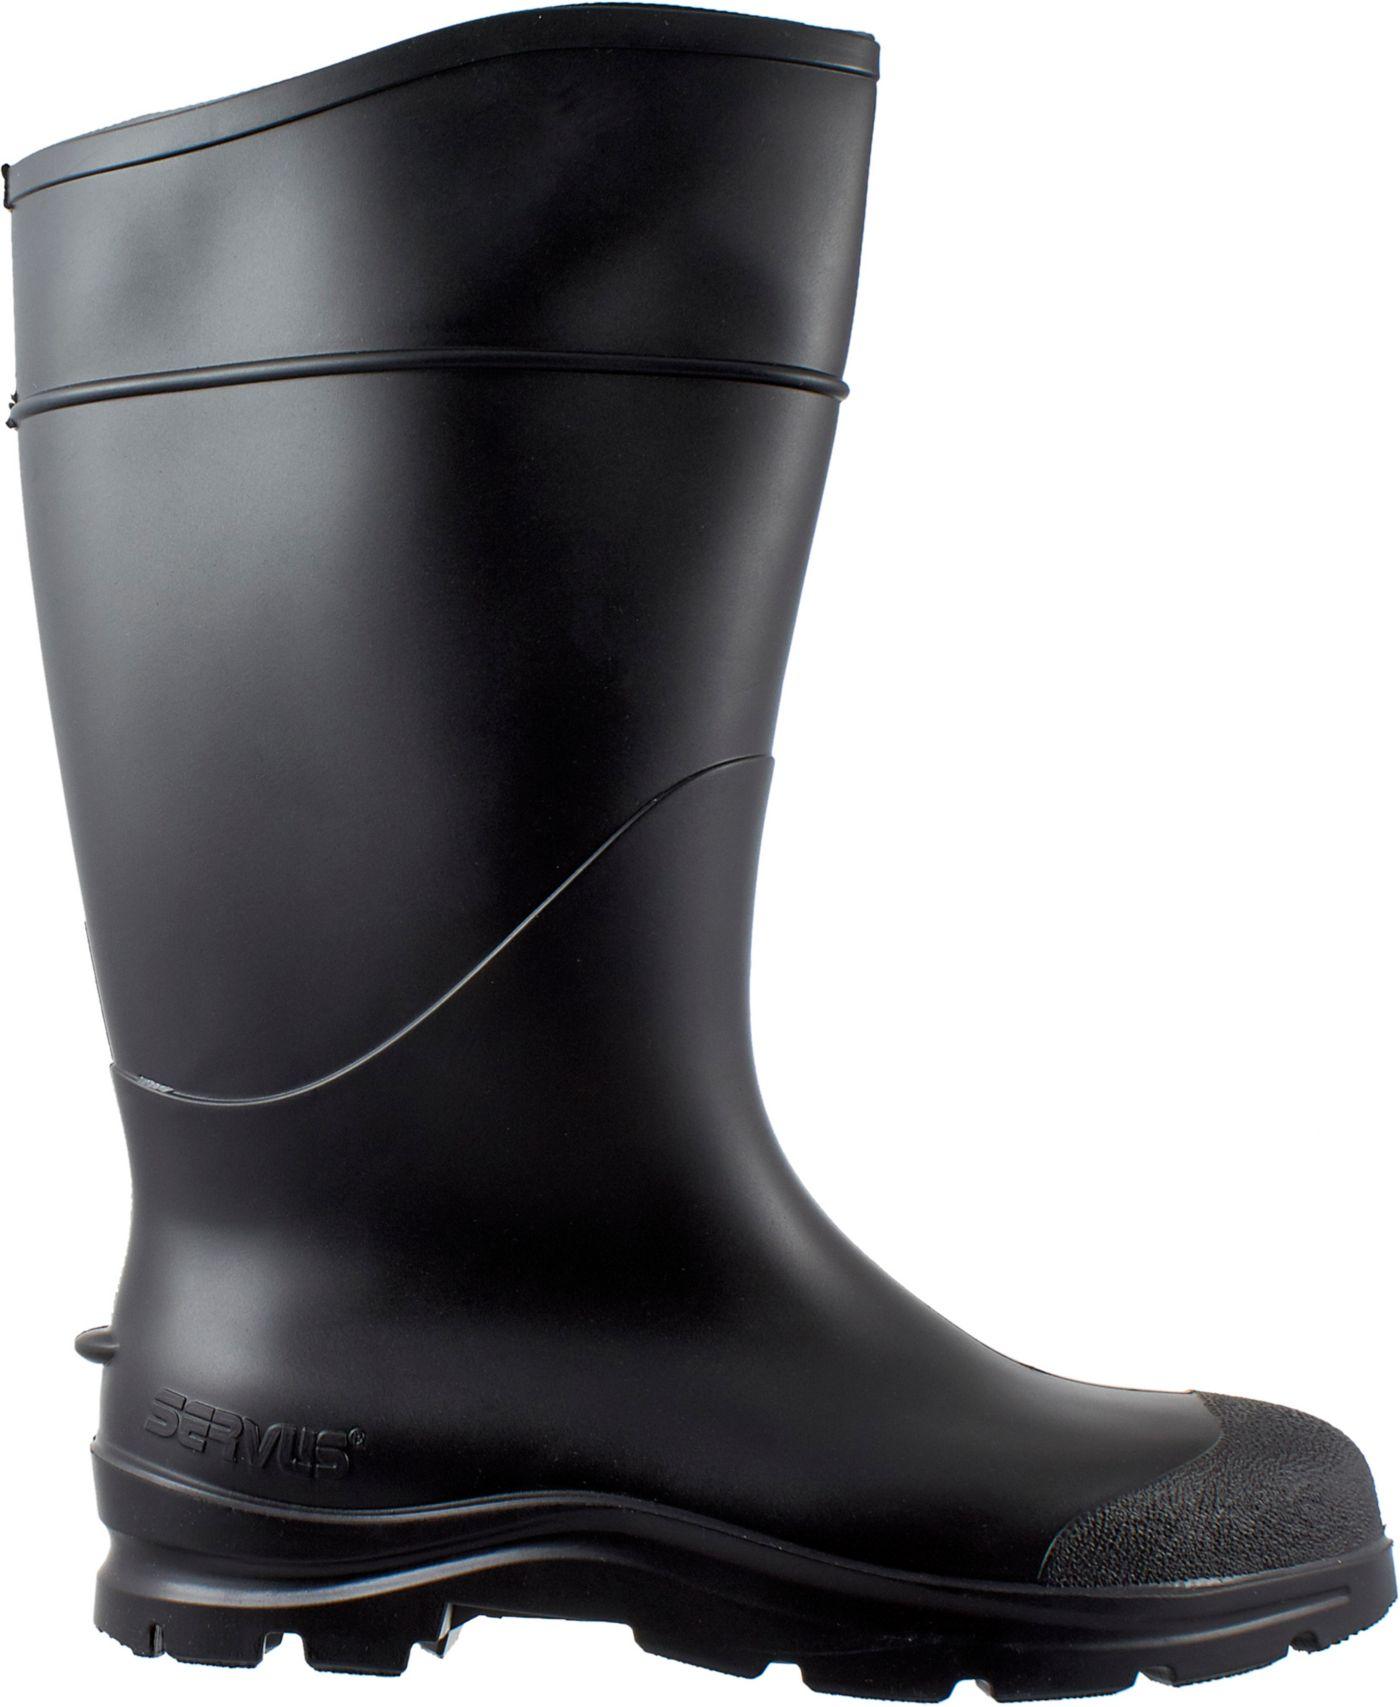 Servus Men S Ct Economy Waterproof Rubber Work Boots